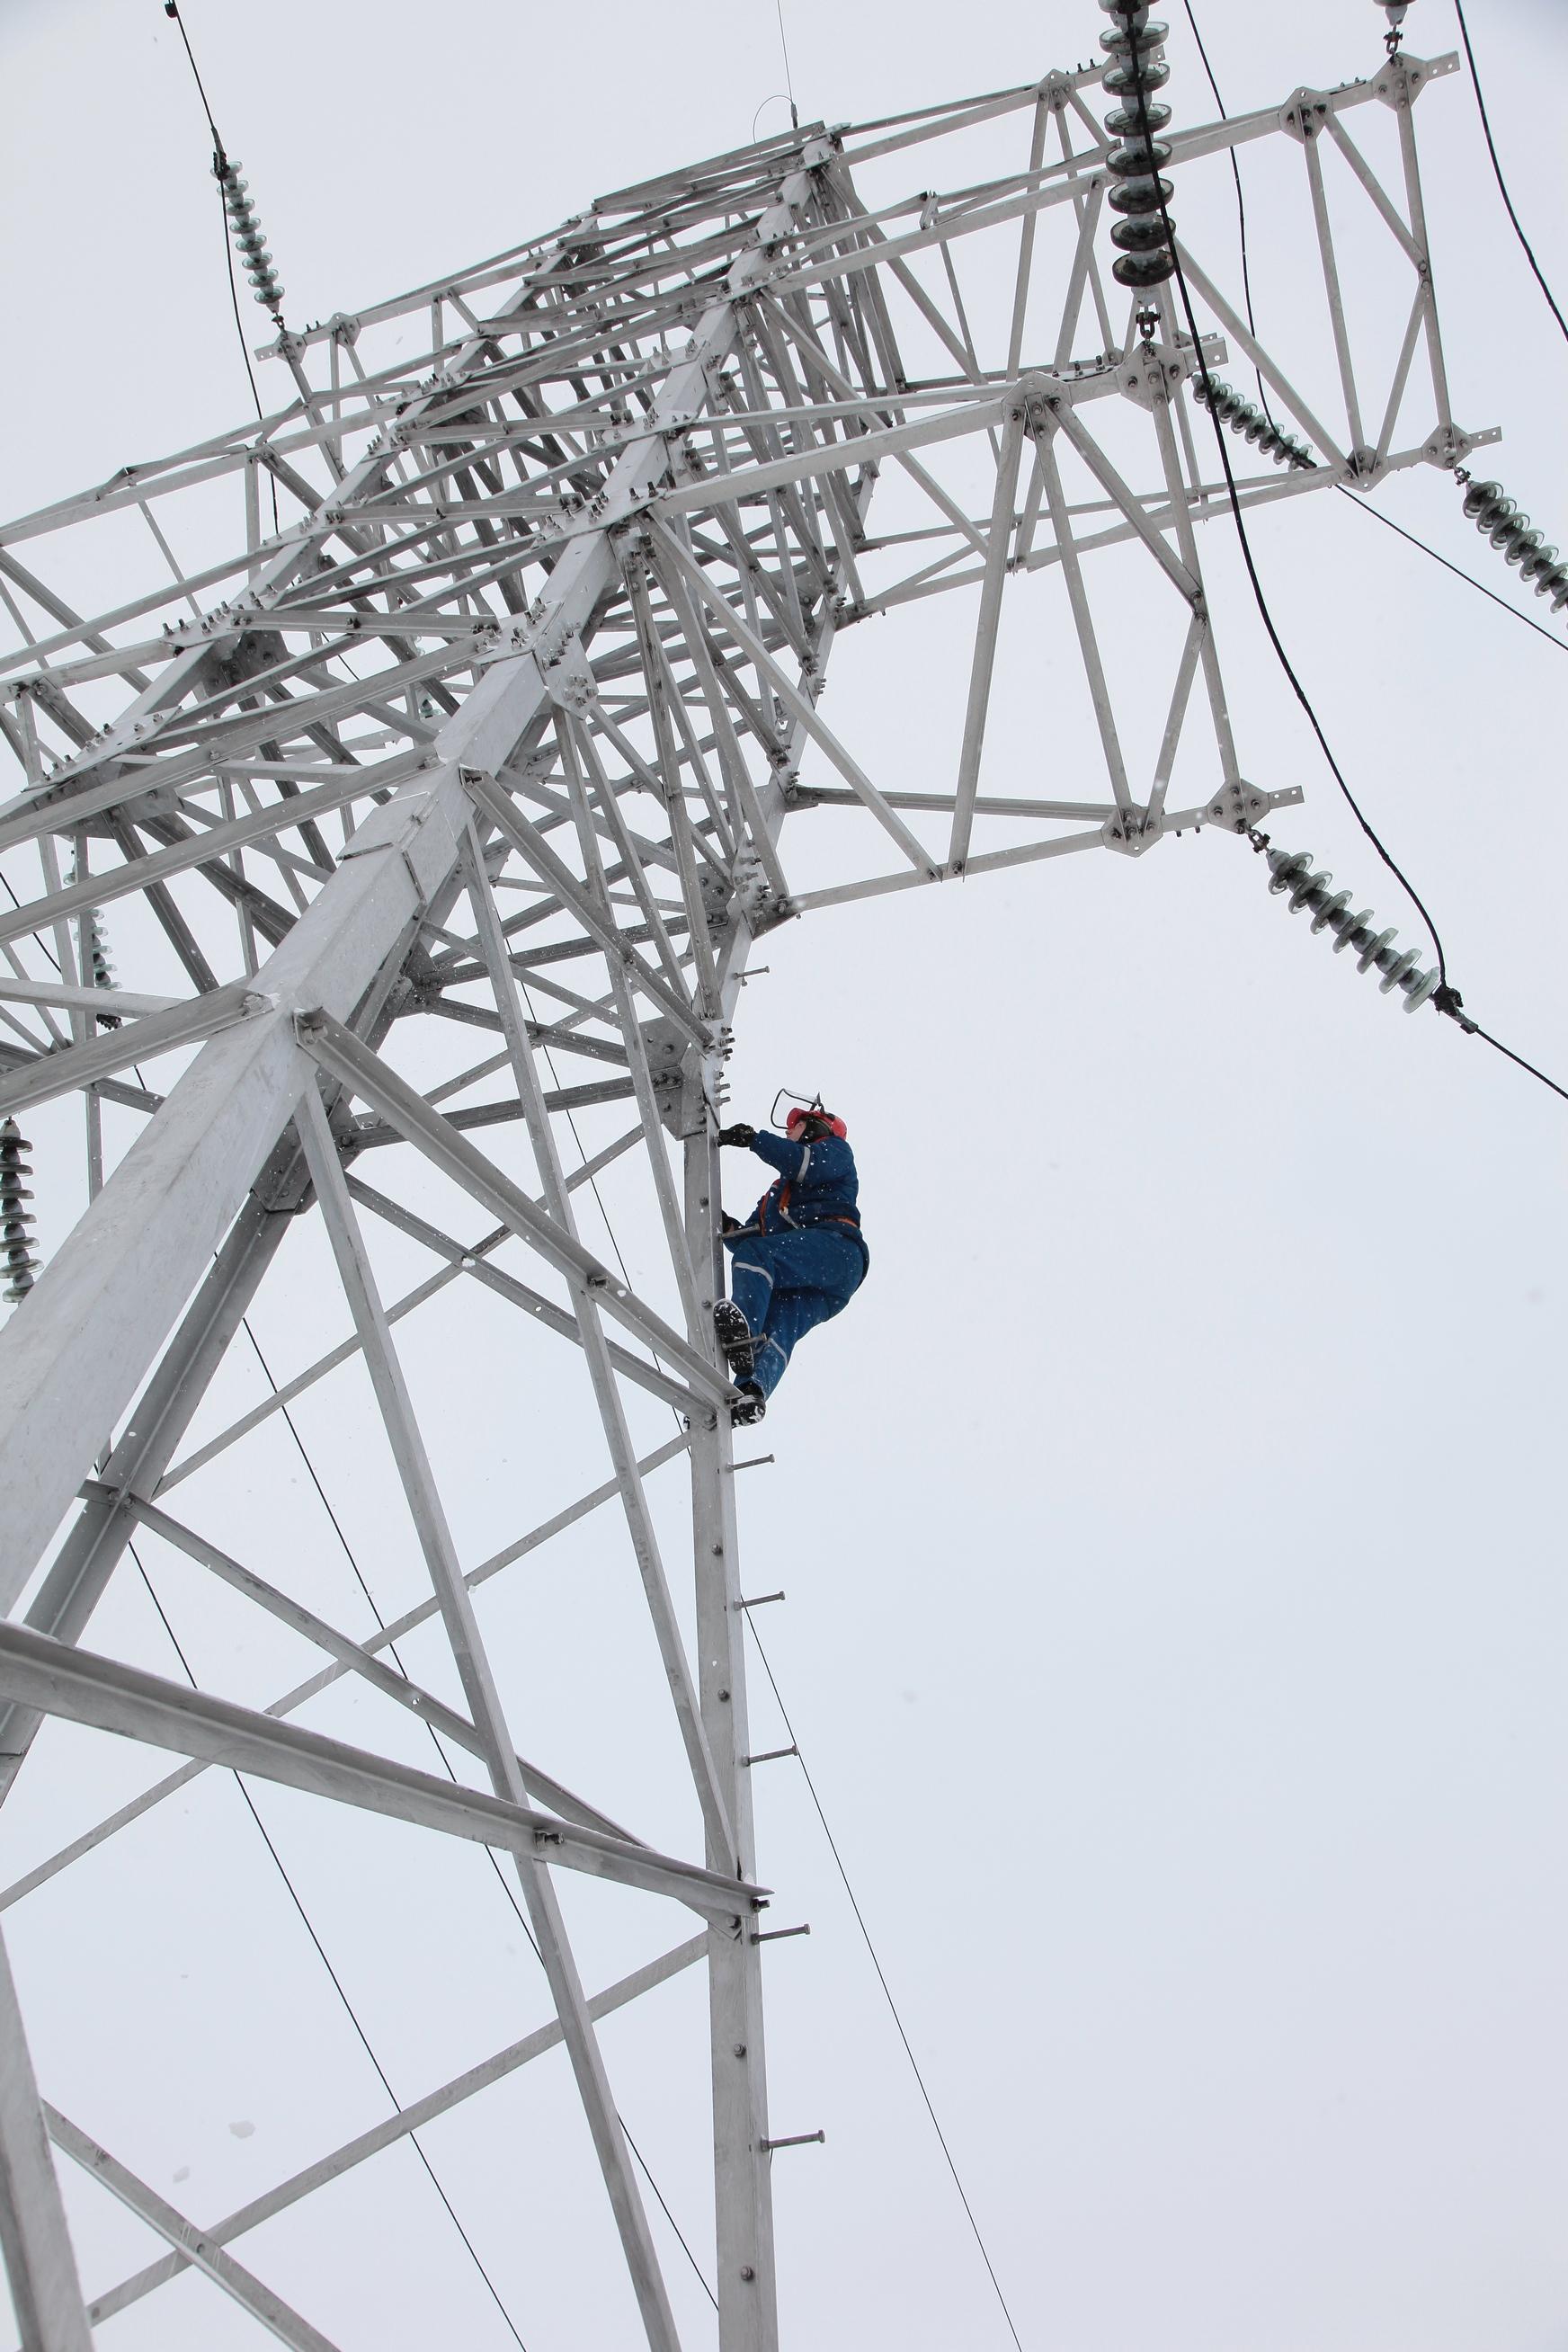 Сегодняшняя остановка водозабора острова Верхнеатмановского для ремонта грозозащиты на высоковольтной линии электропередачи проходит без отключения холодной воды у жителей Ленинского района.